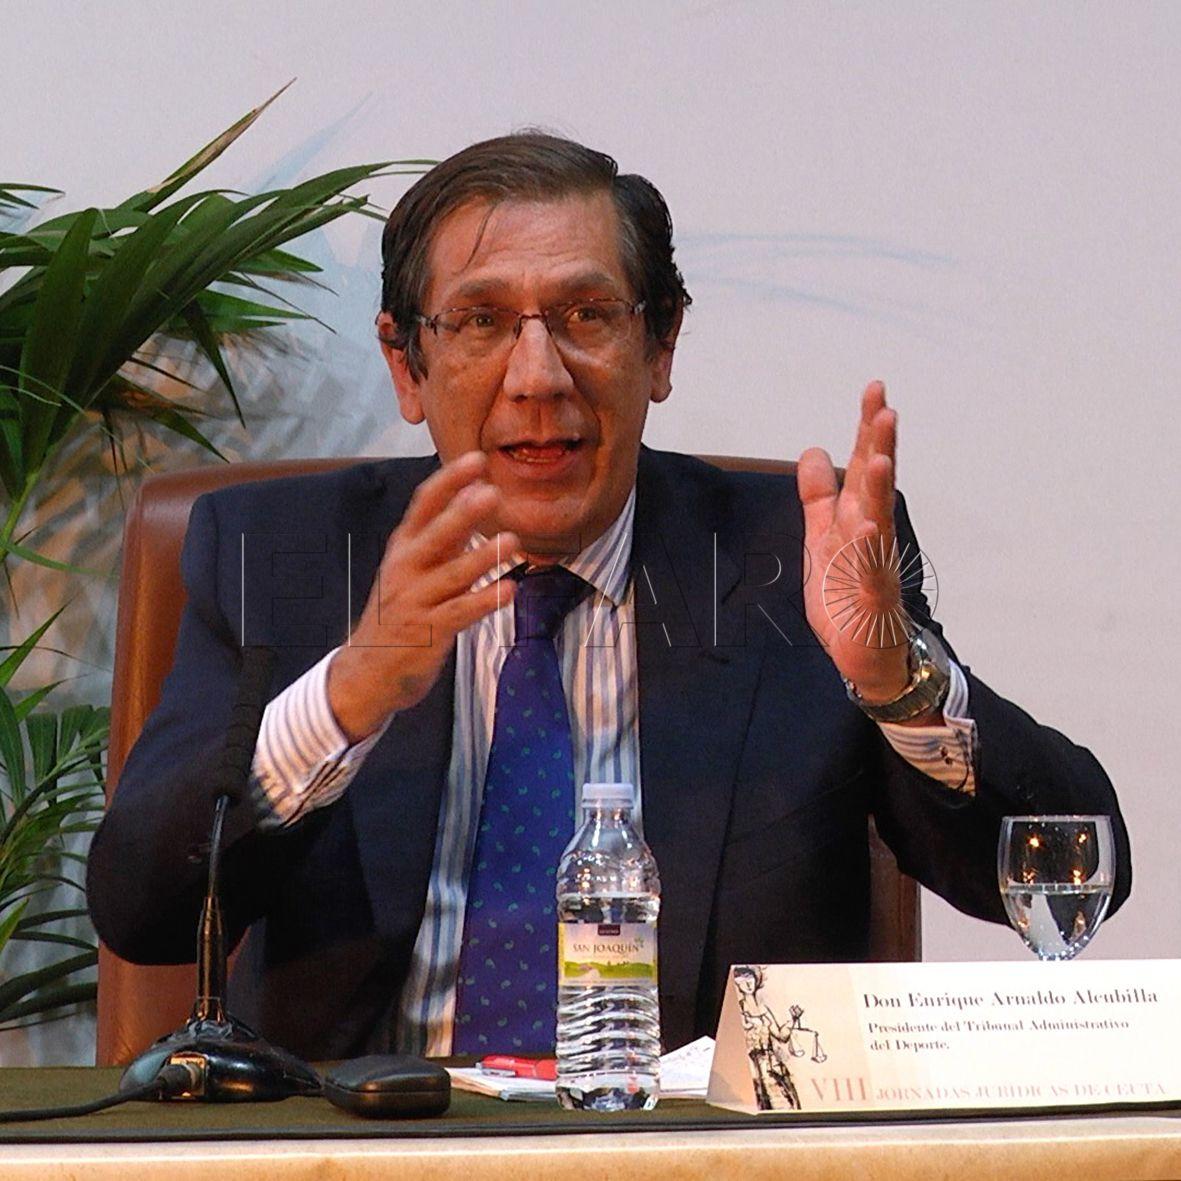 Arnaldo reconoce la existencia de la 'ley del silencio' en el deporte